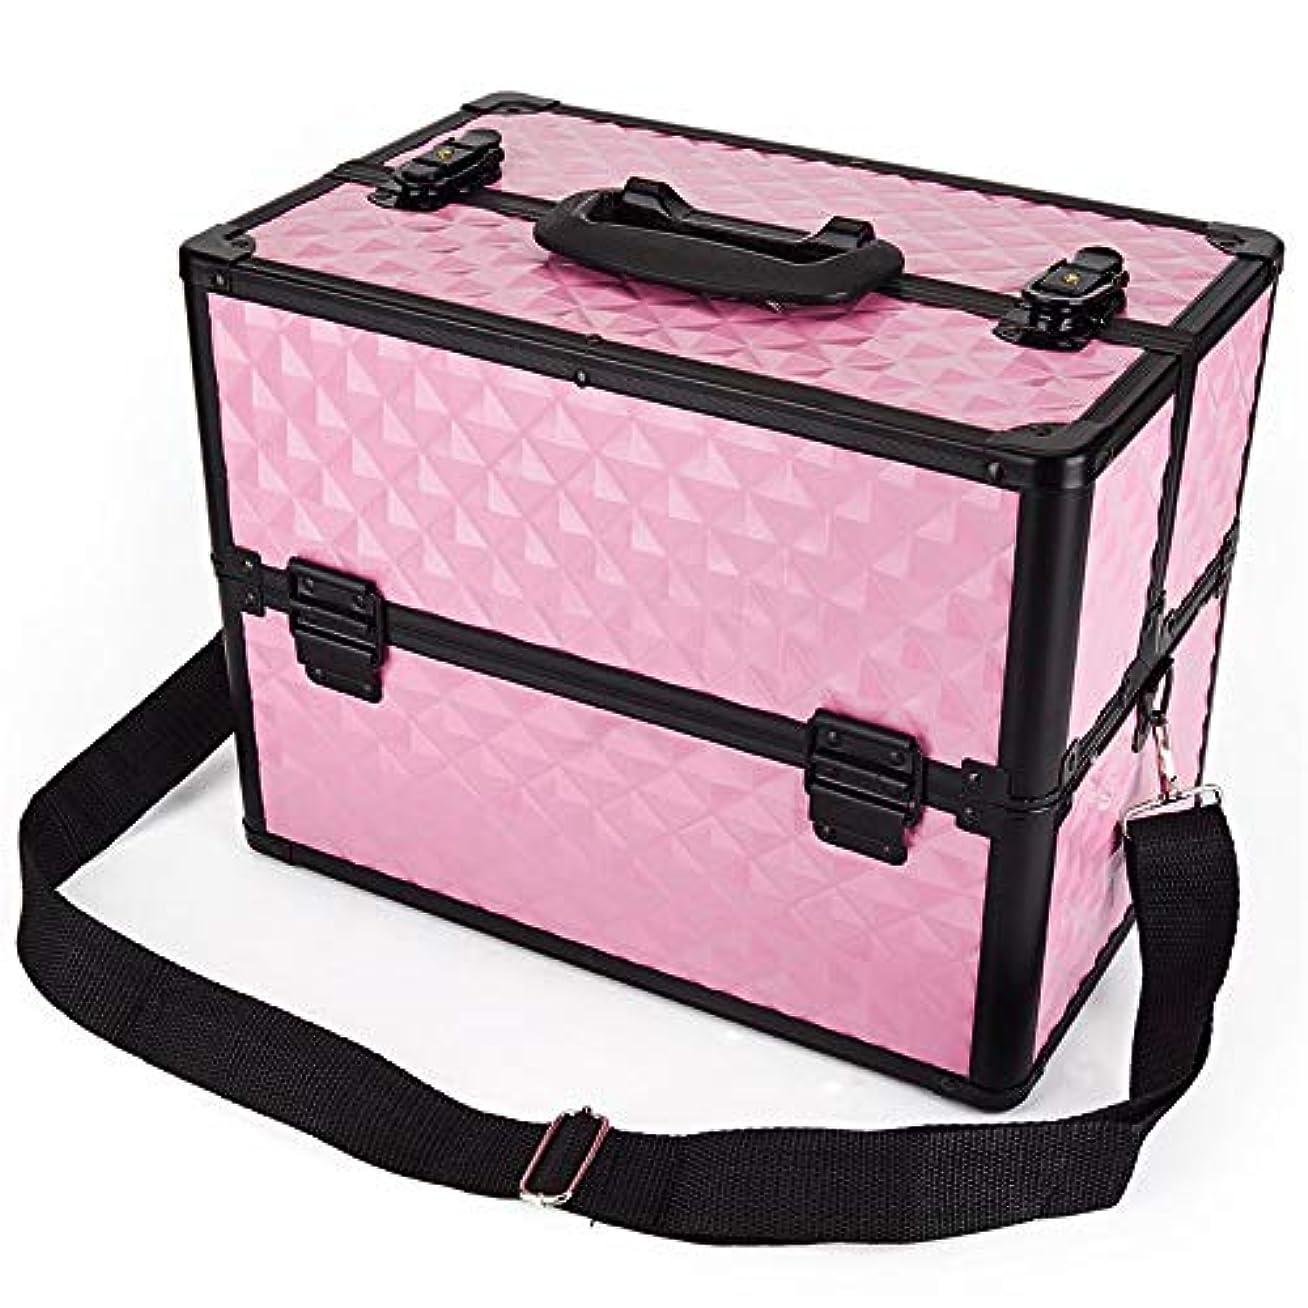 椅子検出器スイス人化粧オーガナイザーバッグ 多機能ポータブルプロの旅行メイクアップバッグパターンメイクアップアーティストケーストレインボックス化粧品オーガナイザー収納用十代の女の子女性アーティスト 化粧品ケース (色 : ピンク)